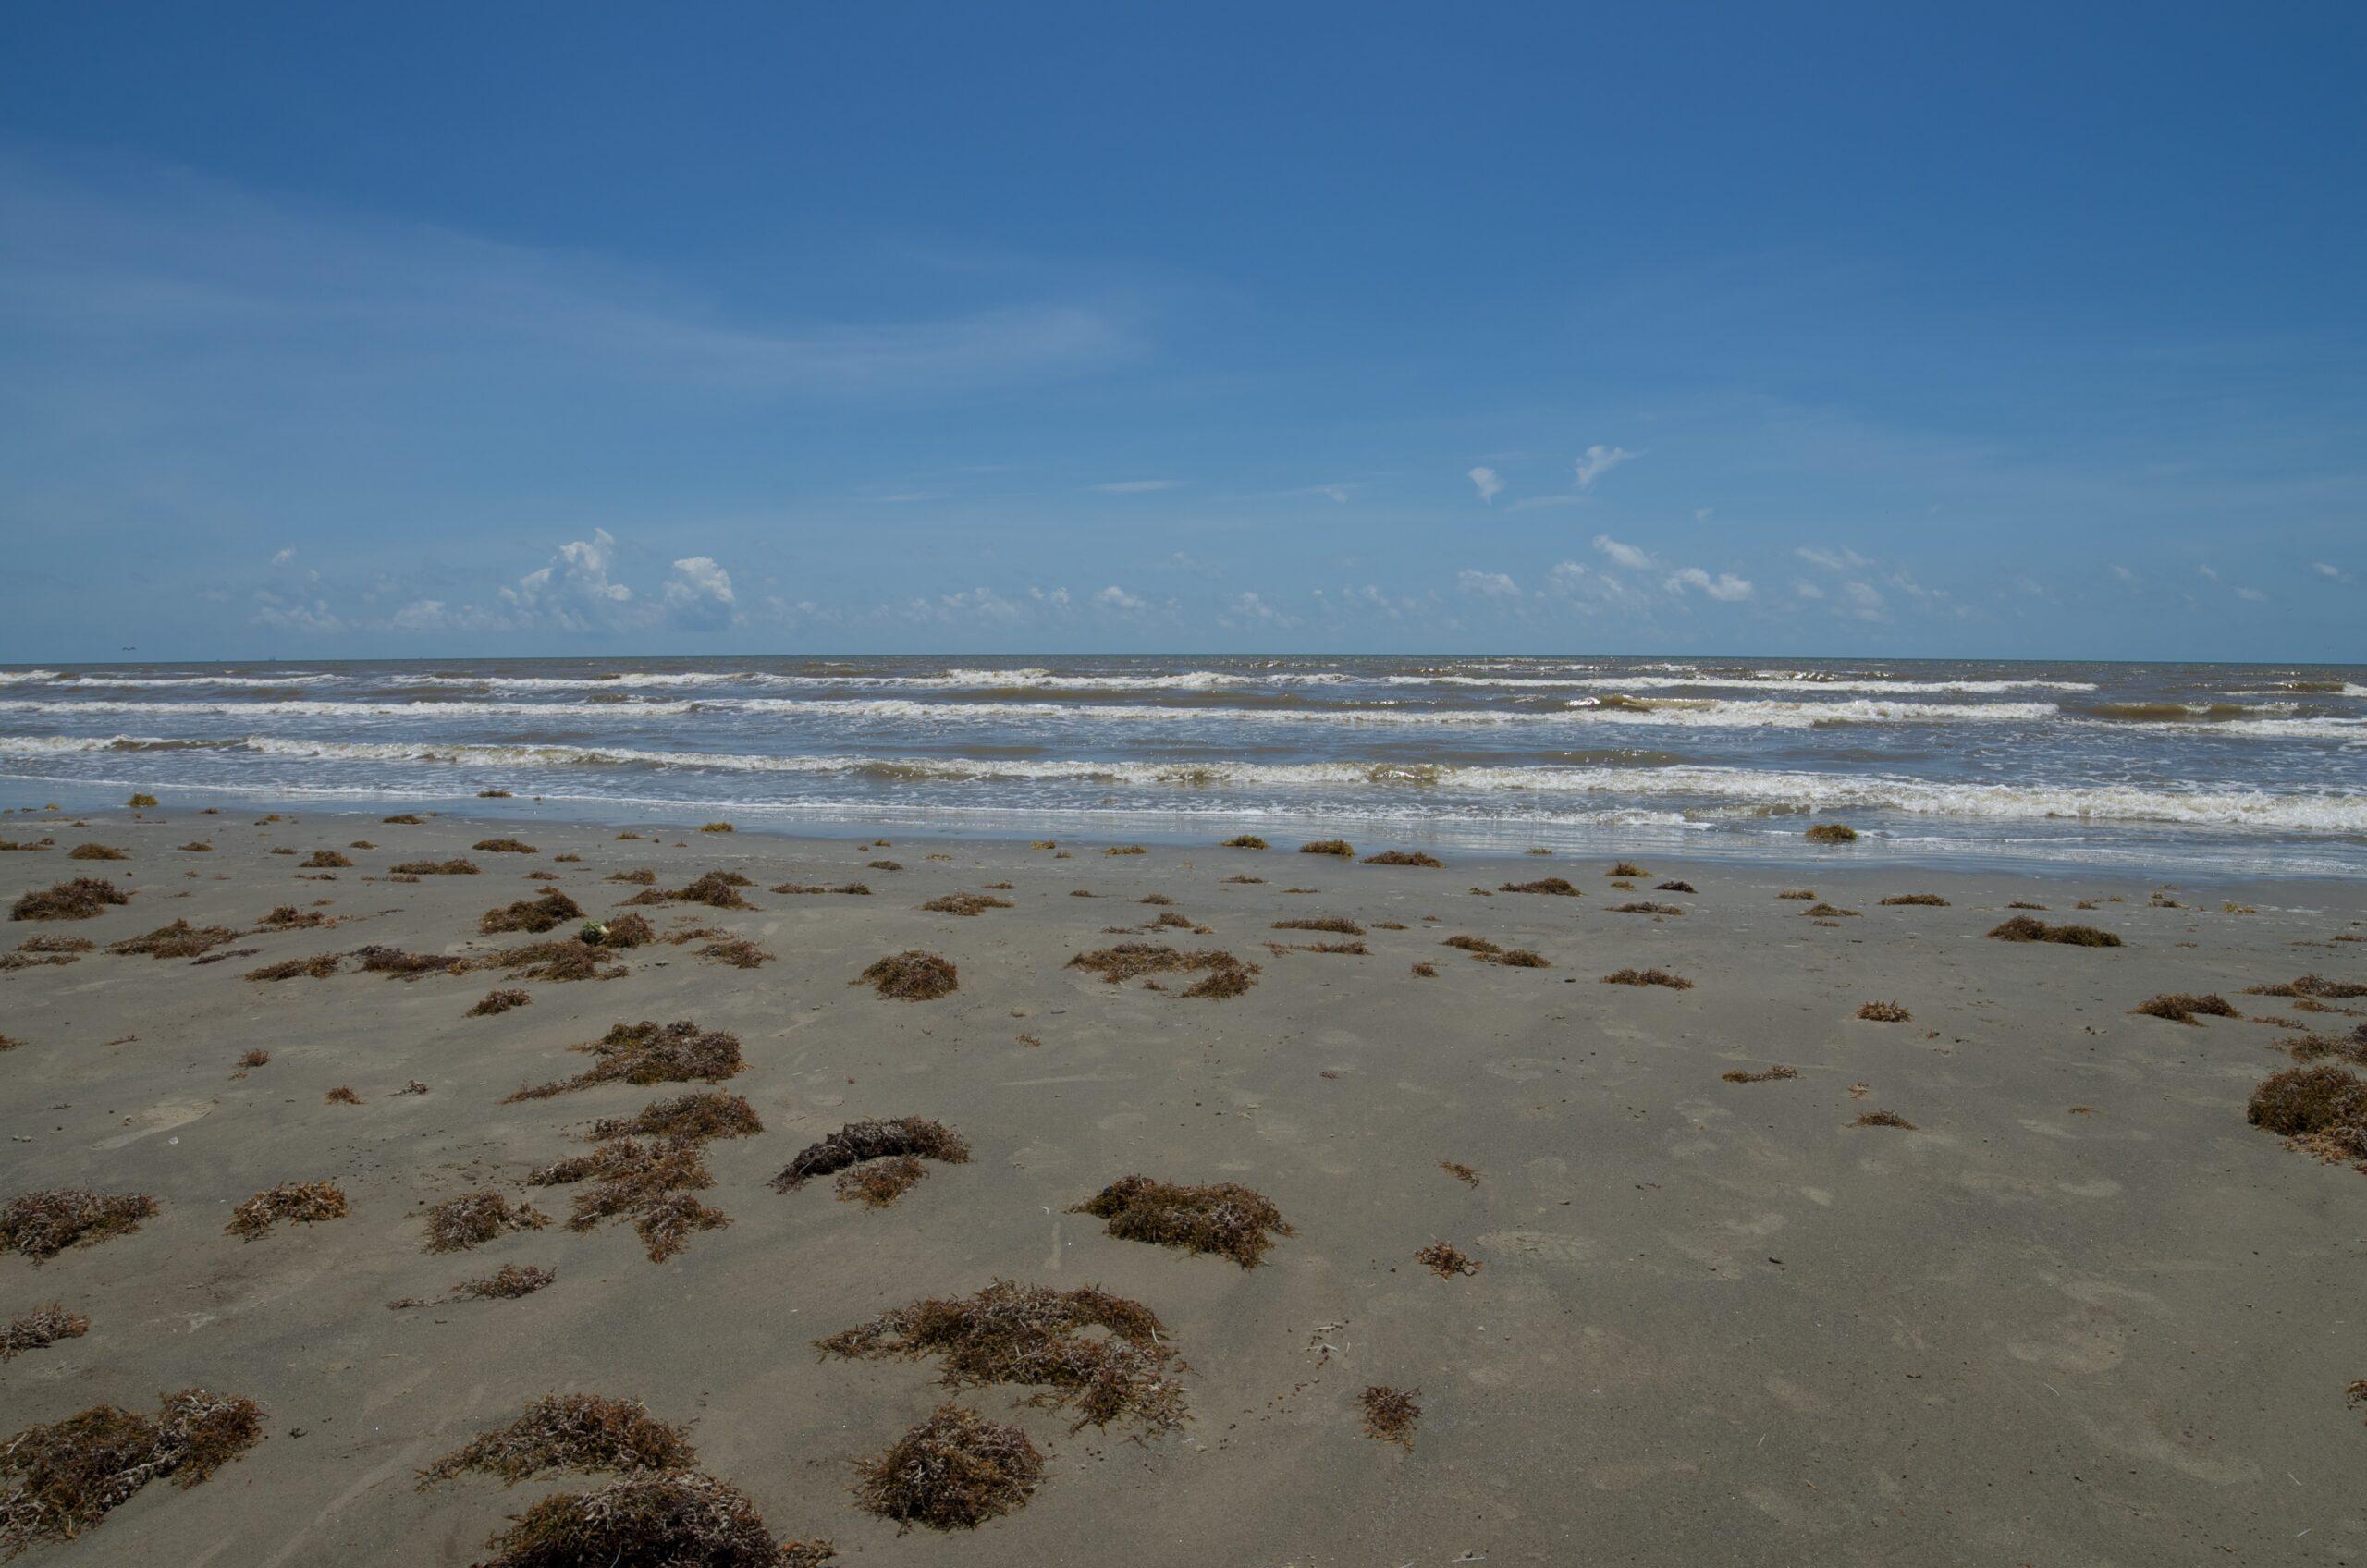 Galveston Beach Cleaning Lawsuit Dismissed